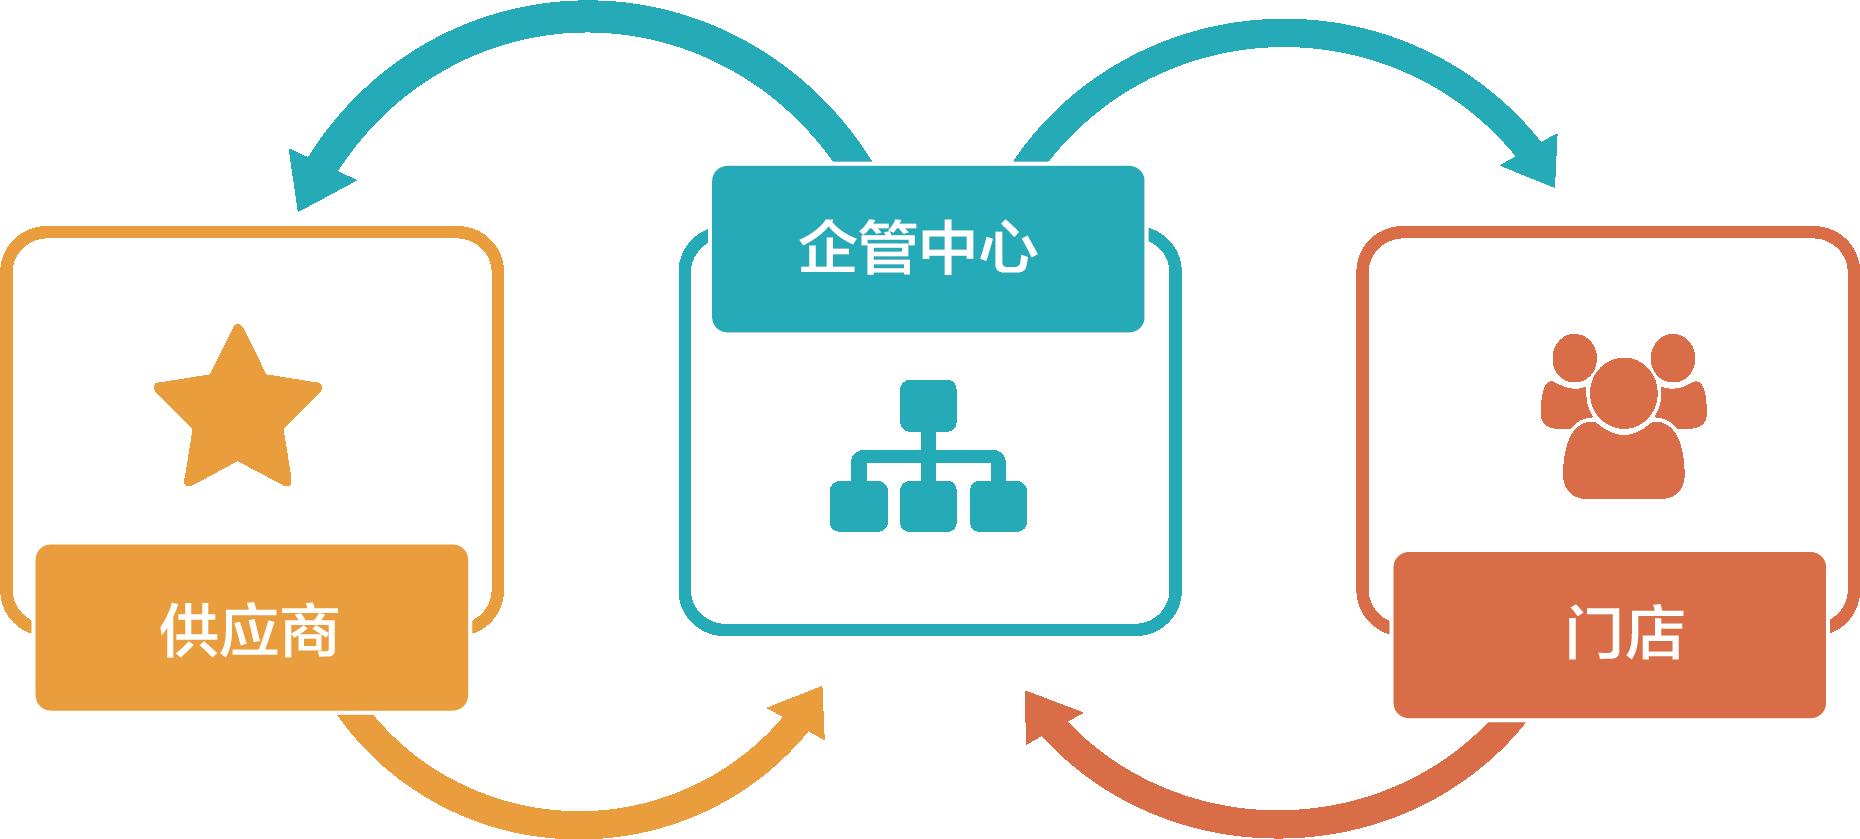 加入我们·合作共赢-企管中心插图(2)